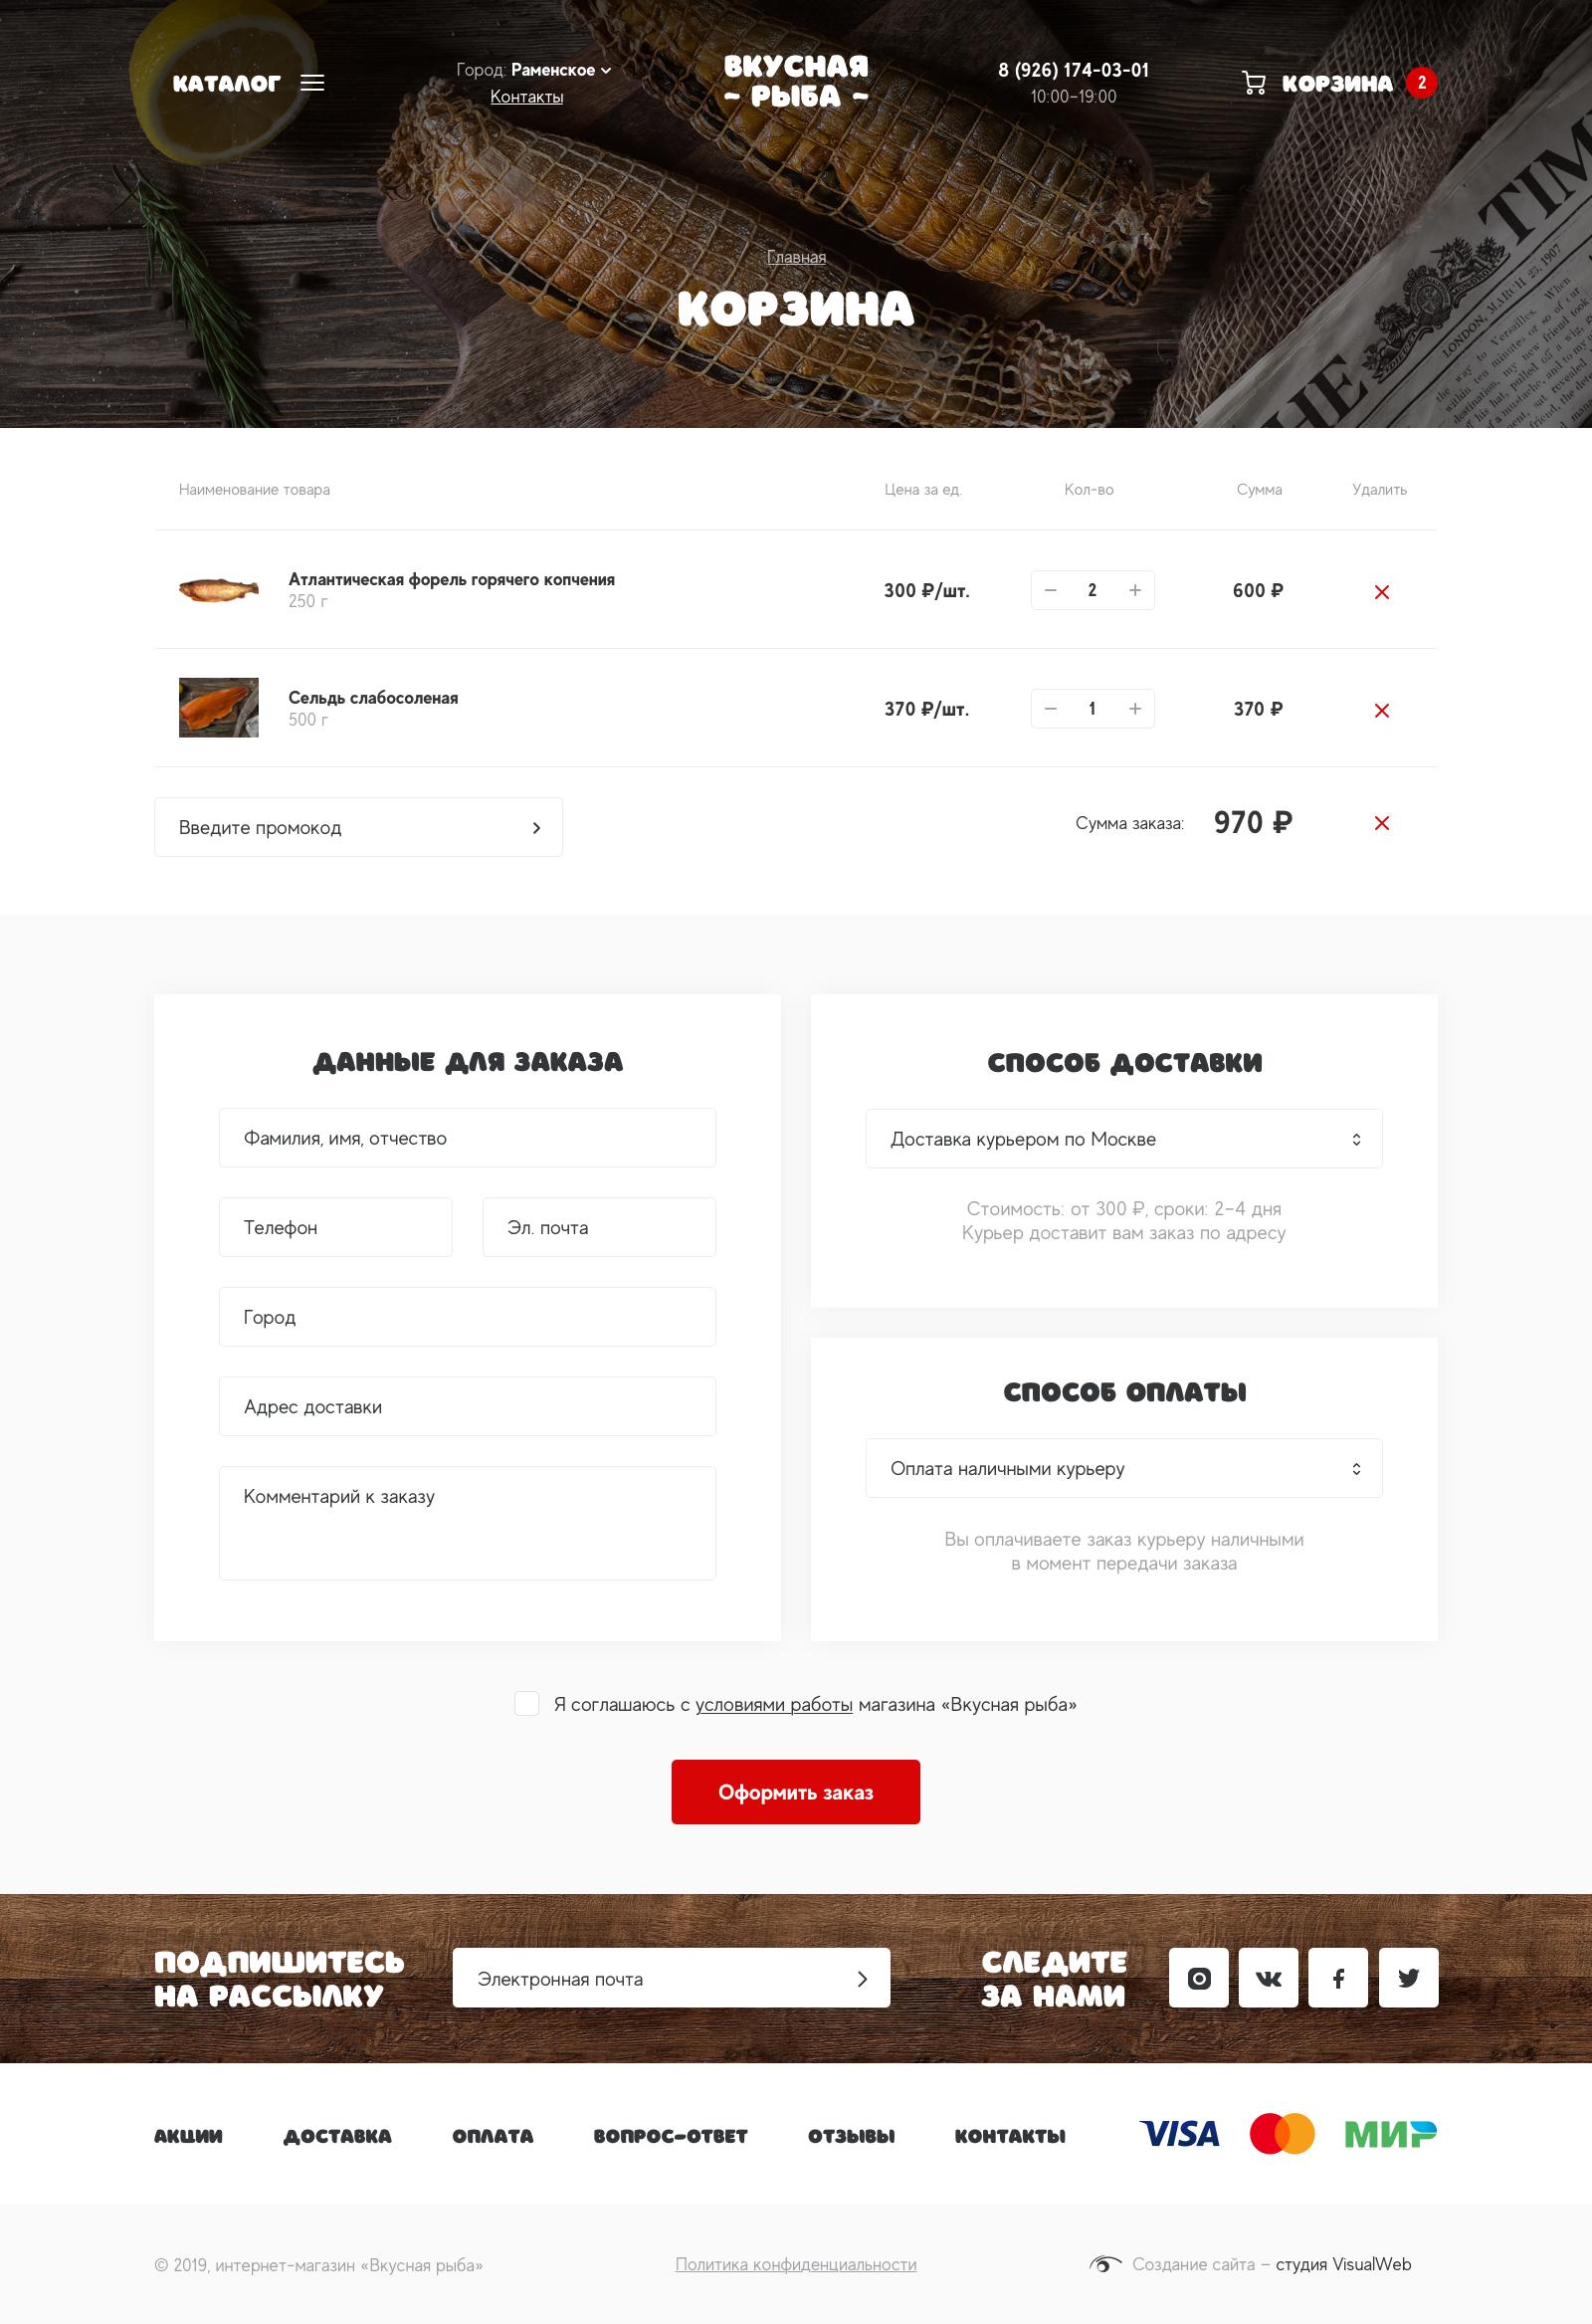 Создание интернет-магазина Вкусная рыба